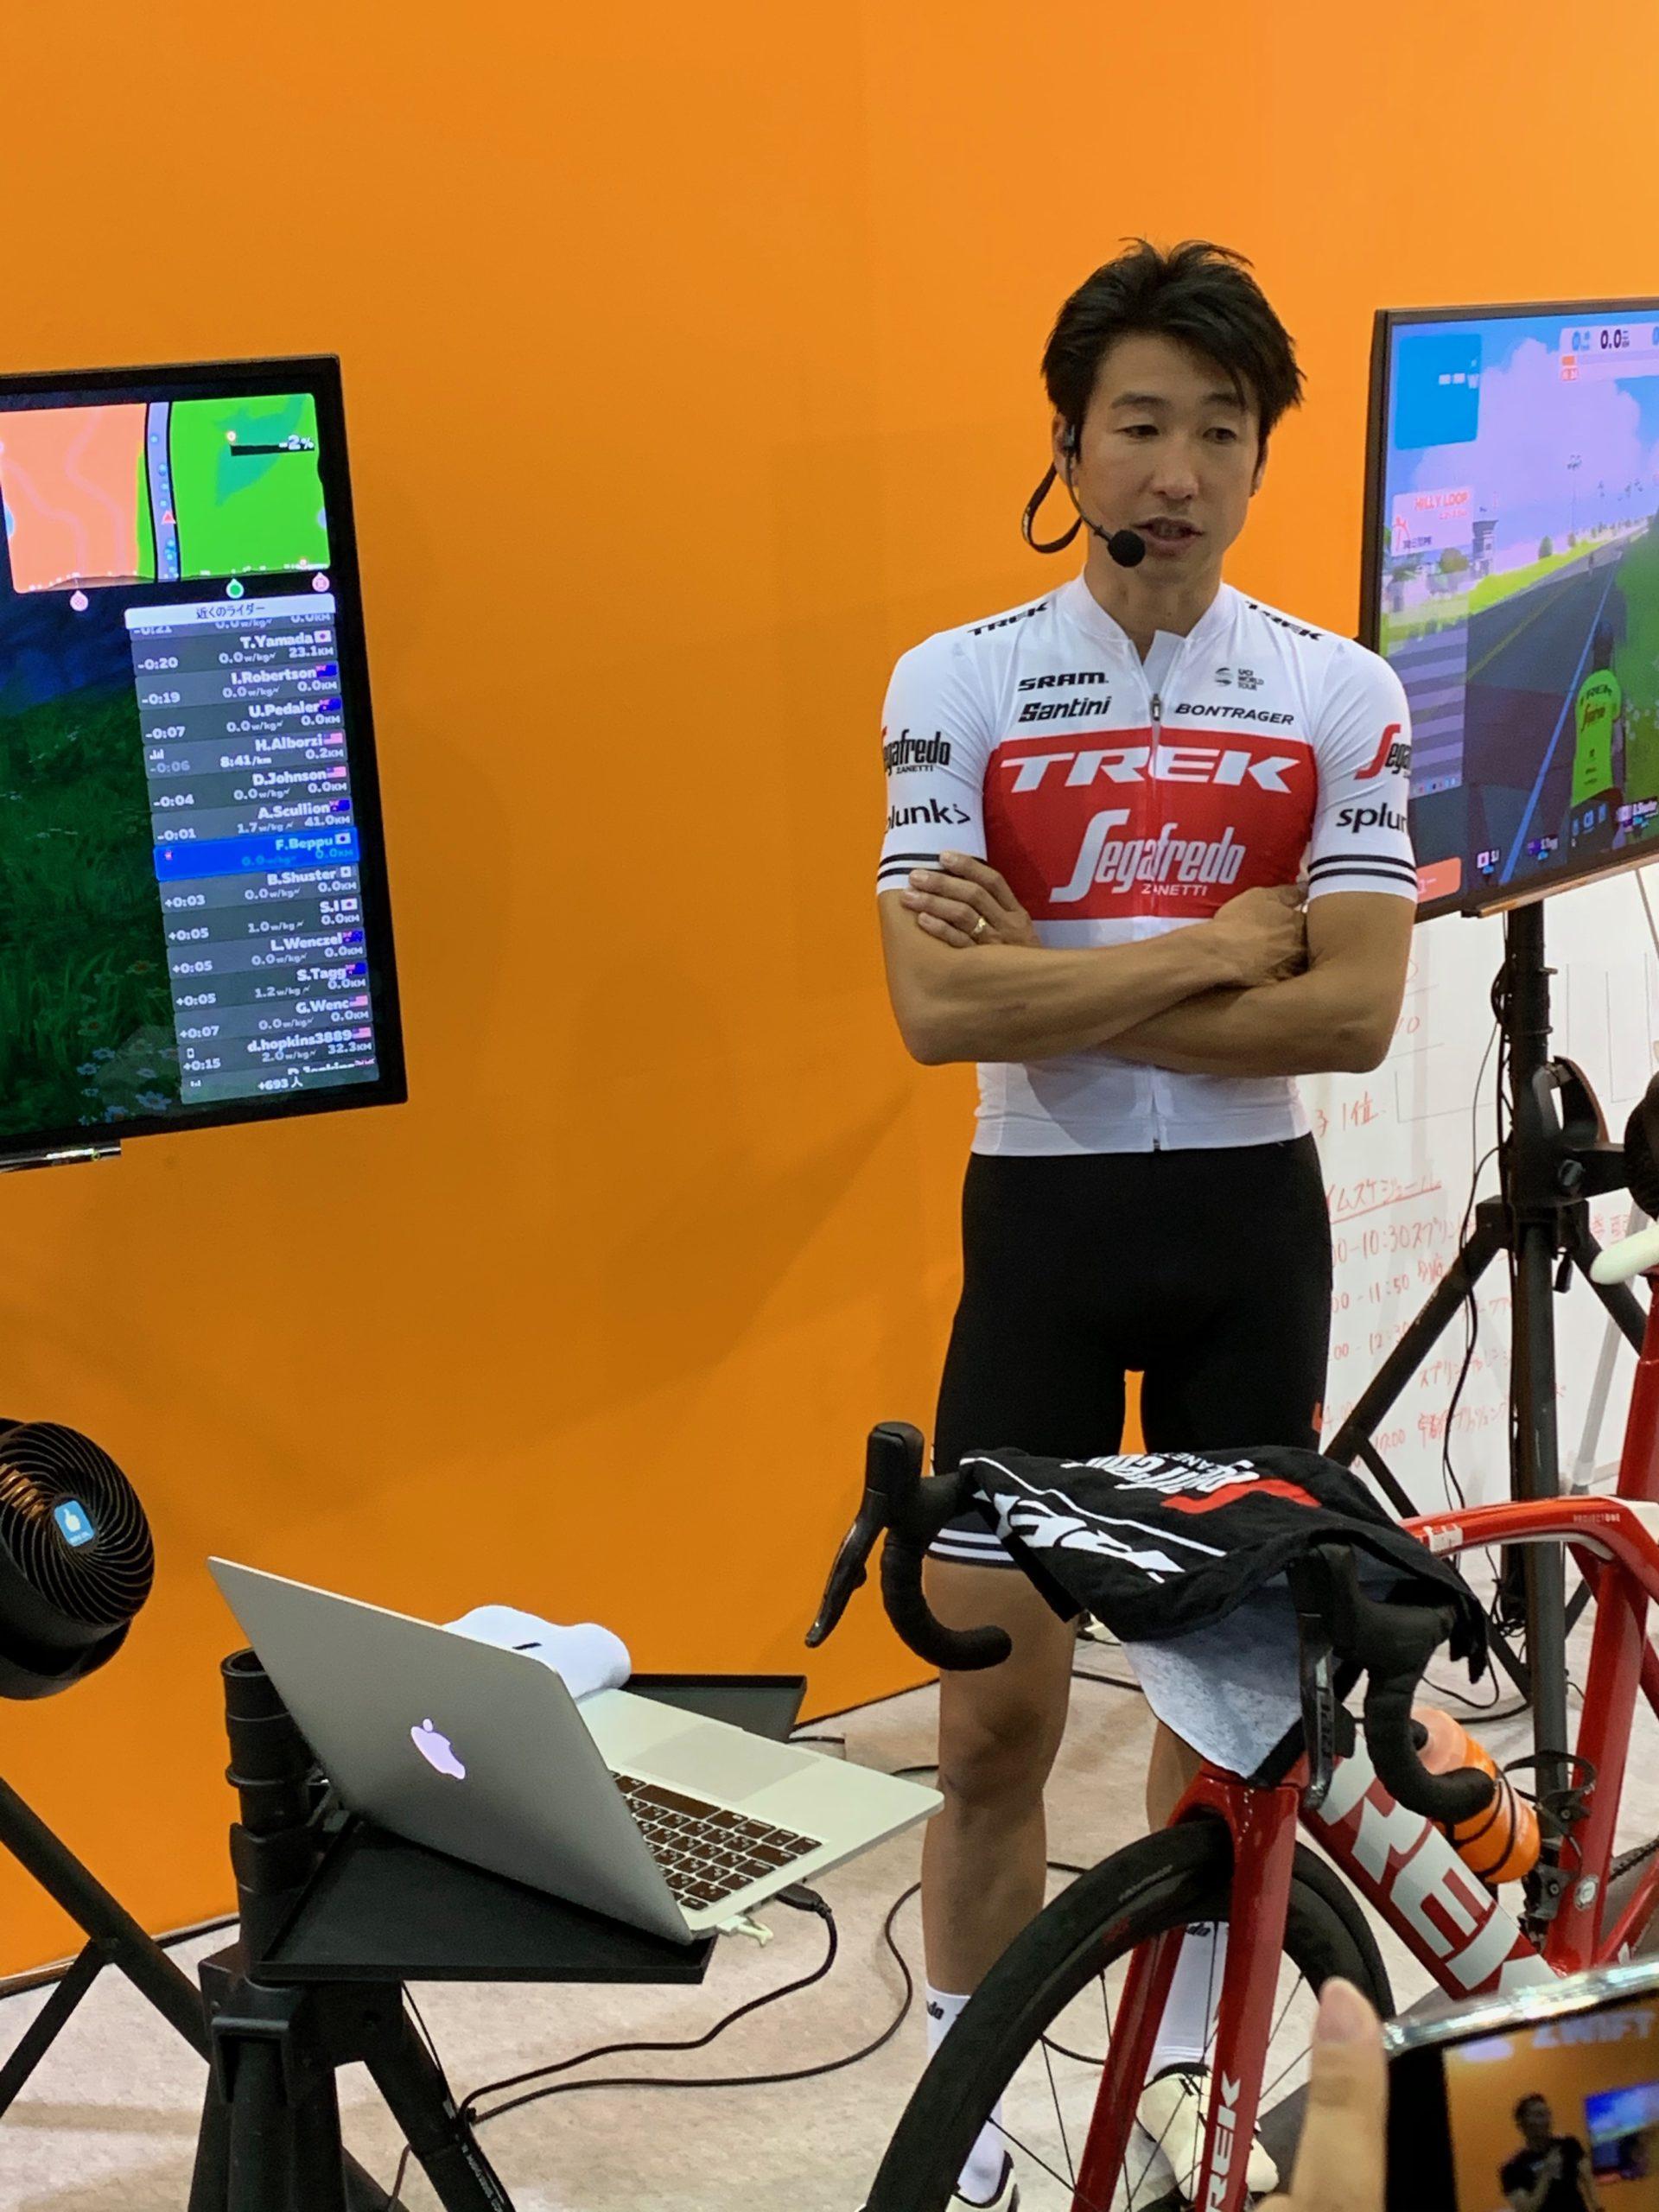 東京サイクルモード 別府史之選手